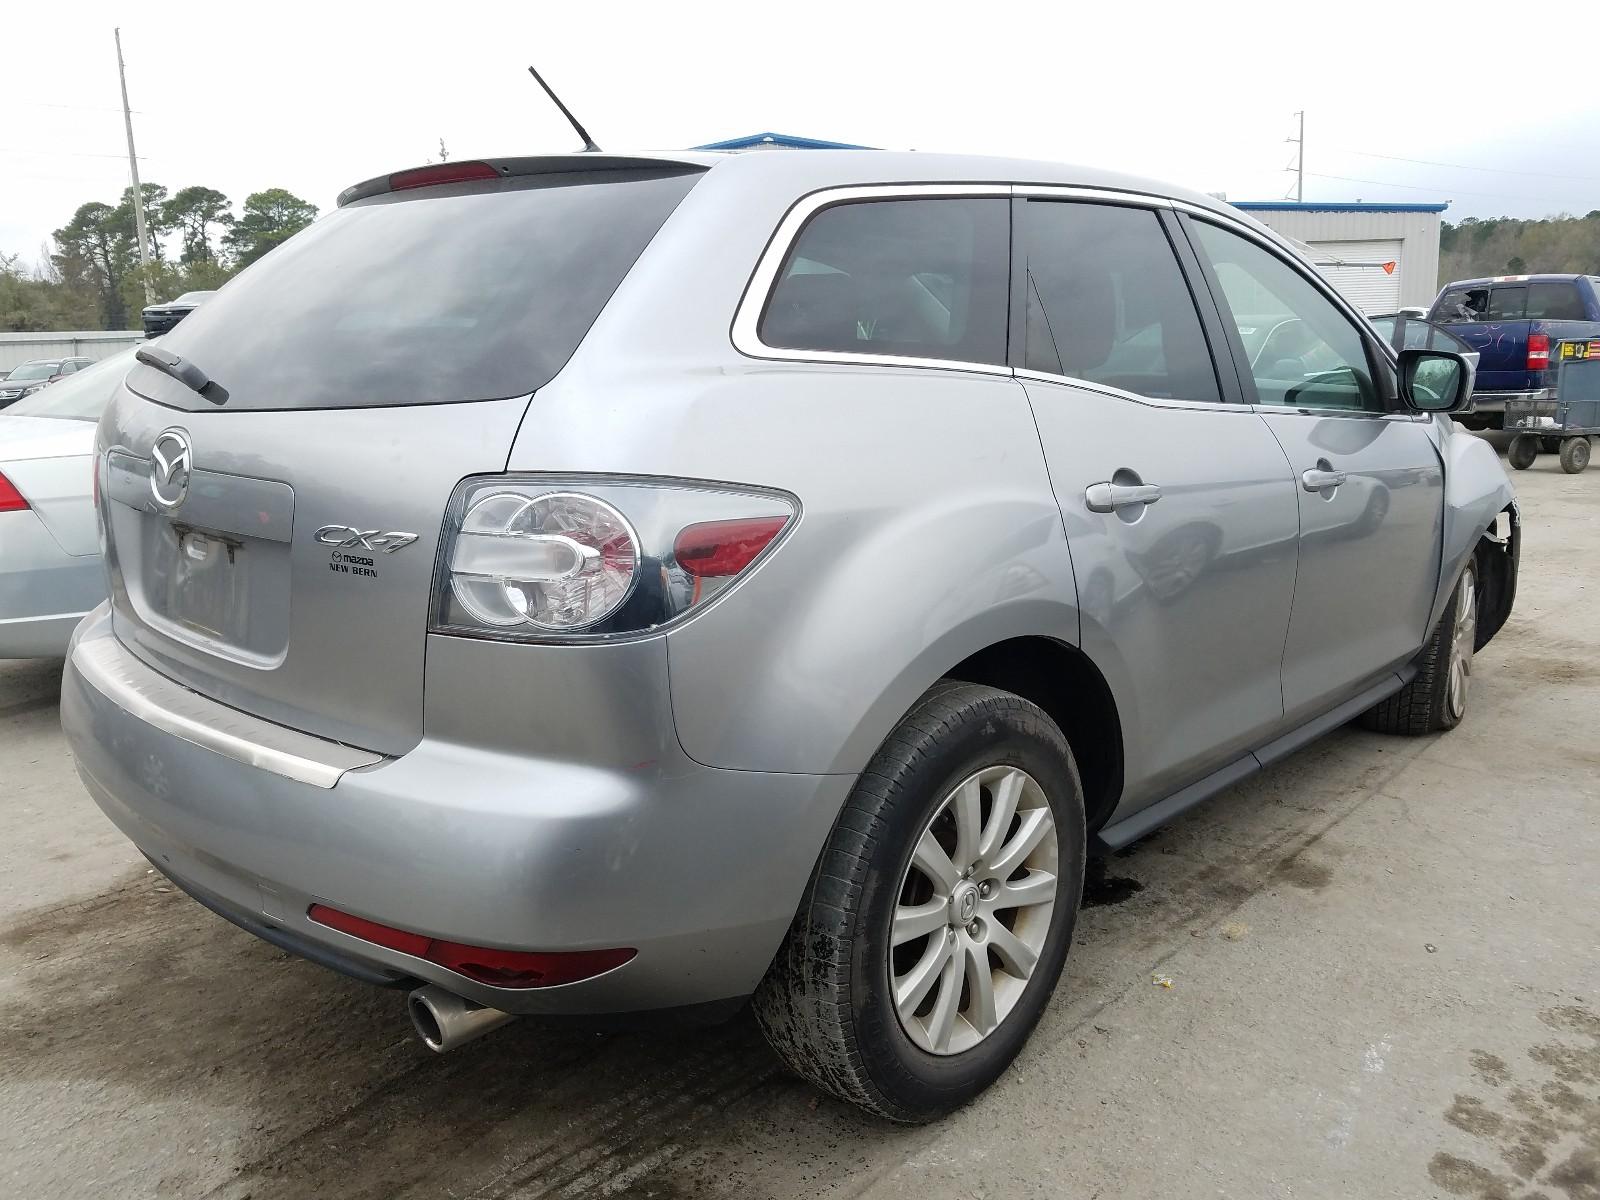 JM3ER2W51A0346416 - 2010 Mazda Cx-7 2.5L rear view